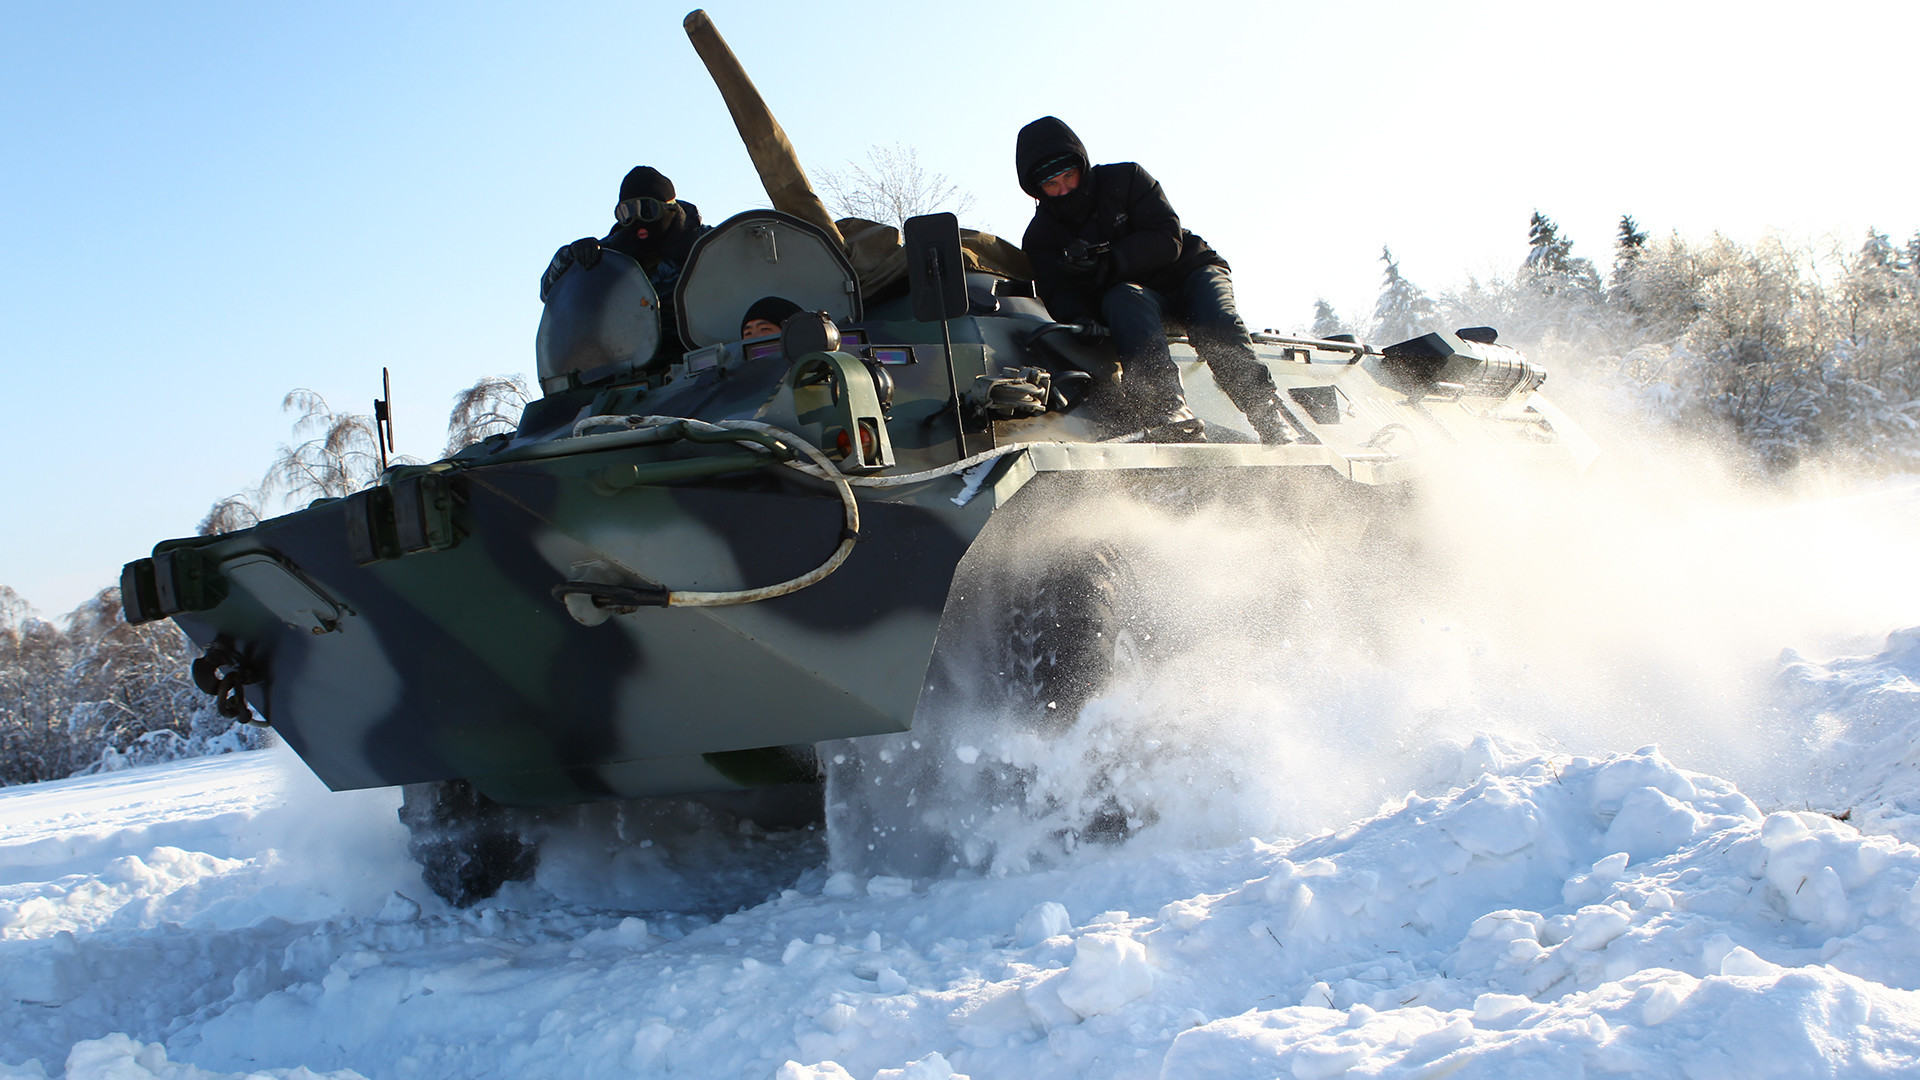 Pripadnici moskovskog OMON-a obučavaju se upravljanju borbenim oklopnim transporterima na neravnom terenu.